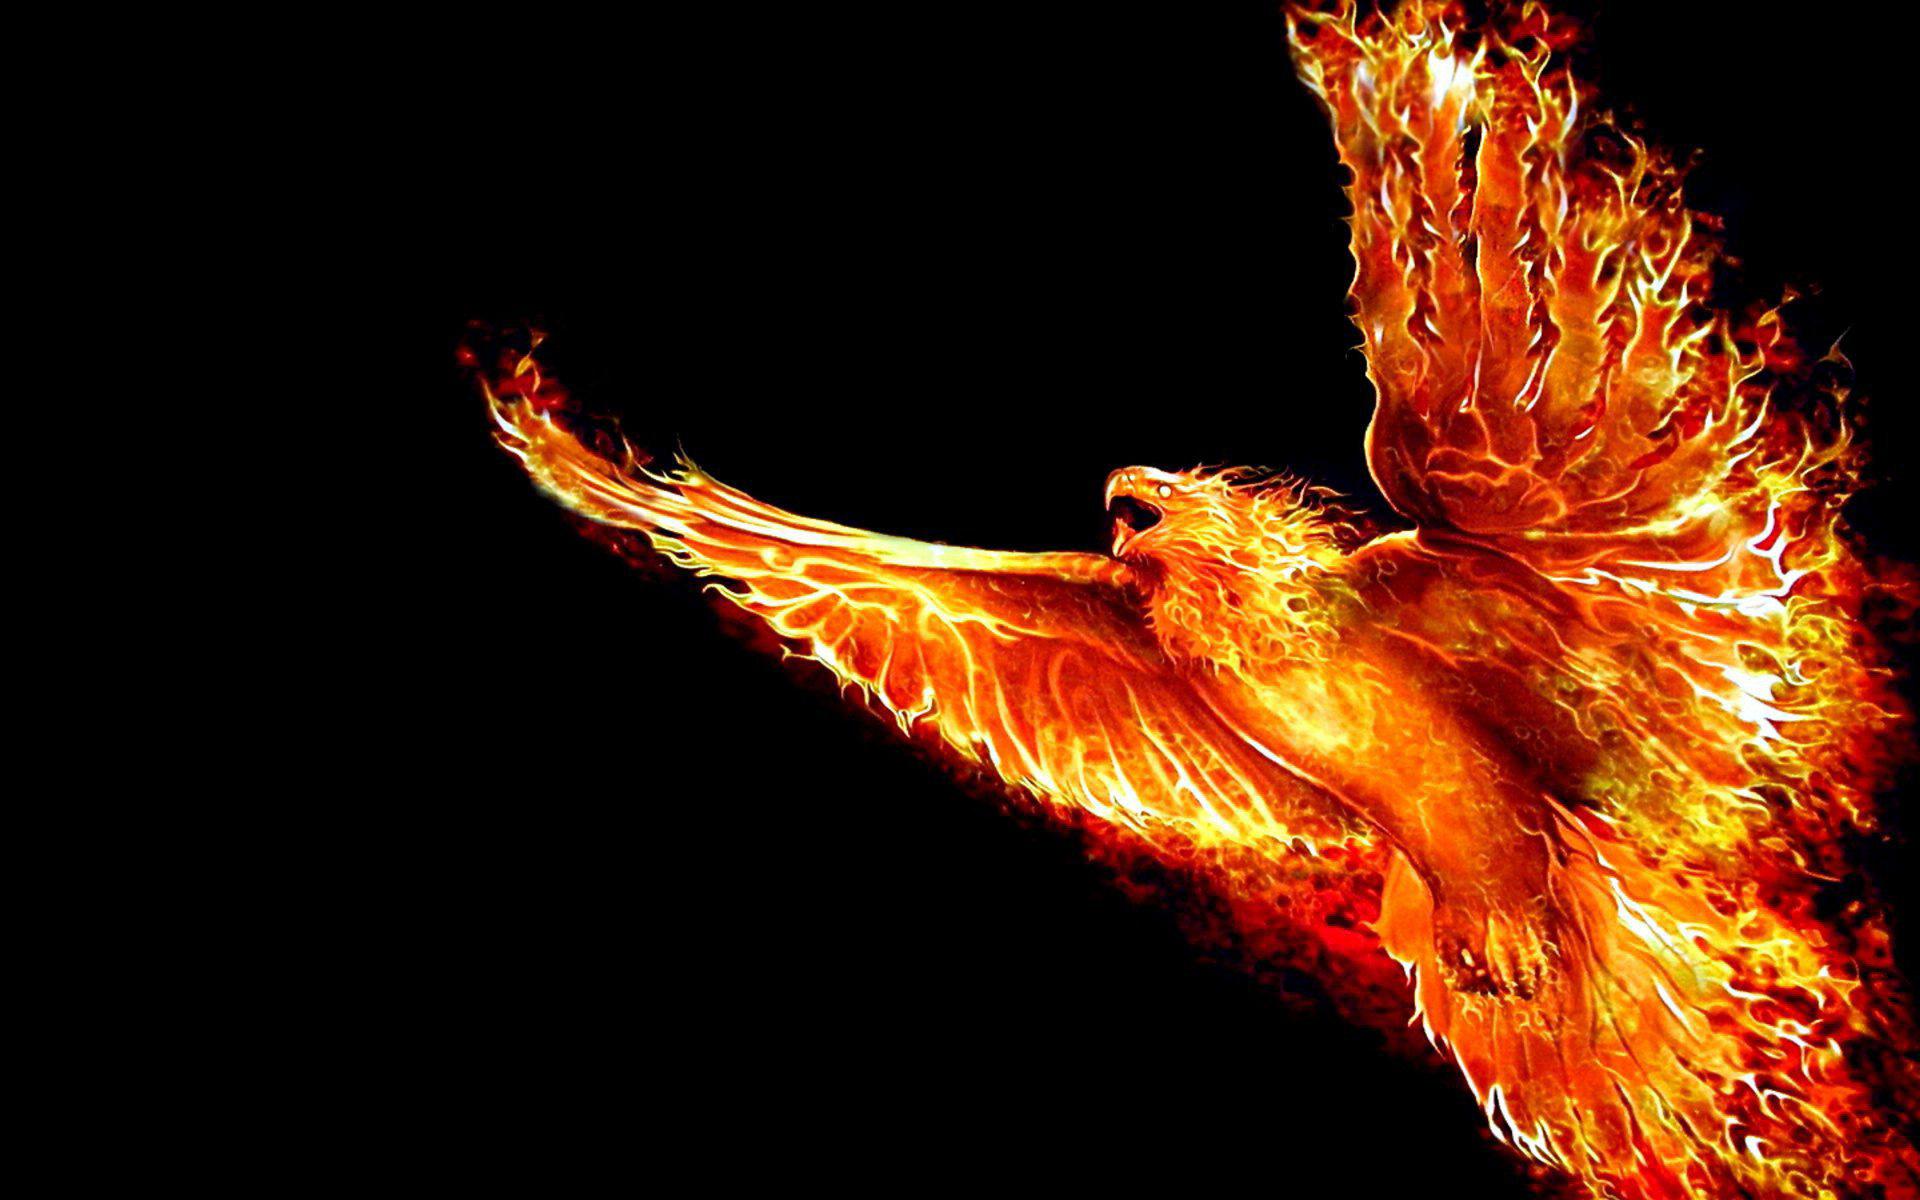 Огненная птица Феникс, 3d заставки телефона, 1920 на 1200 пикселей